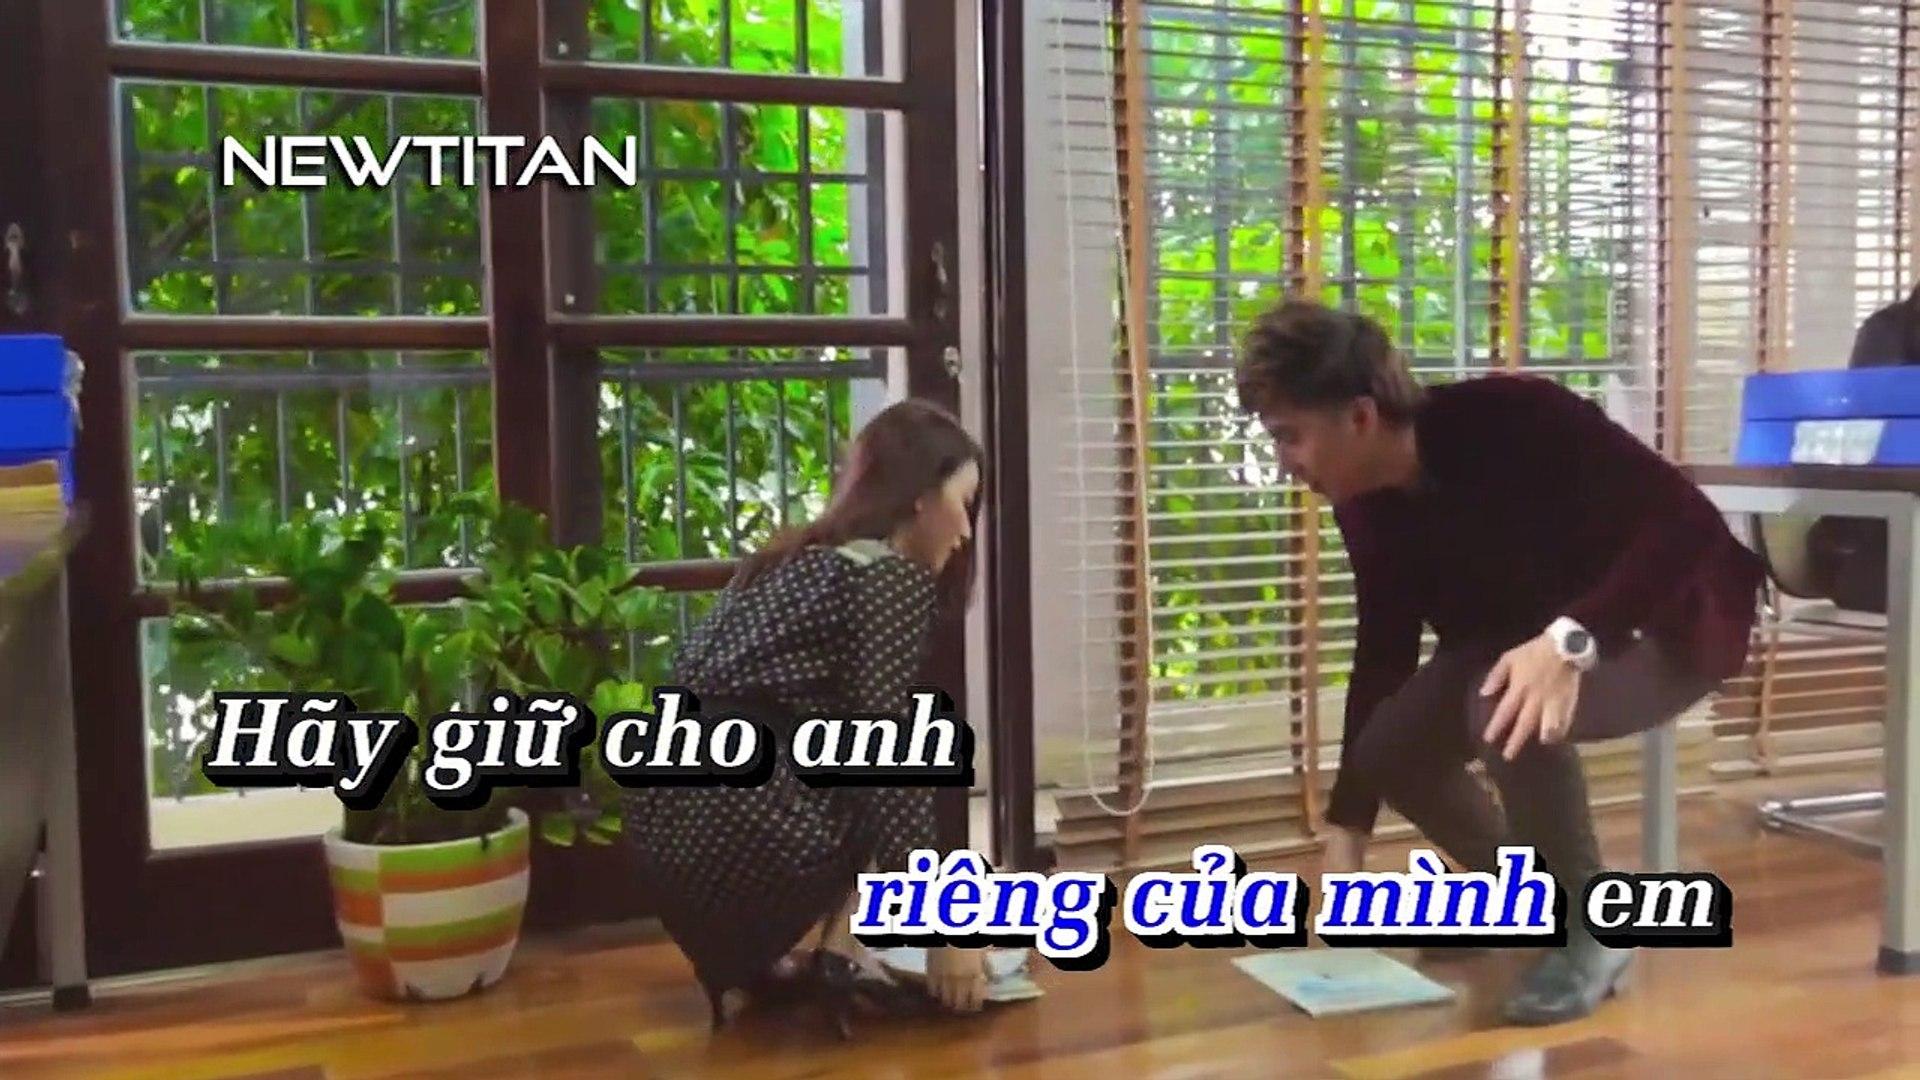 [Karaoke] Nếu Chỉ Là Trò Chơi - Minh Vương M4U Ft. Quang Mẫn [Beat]